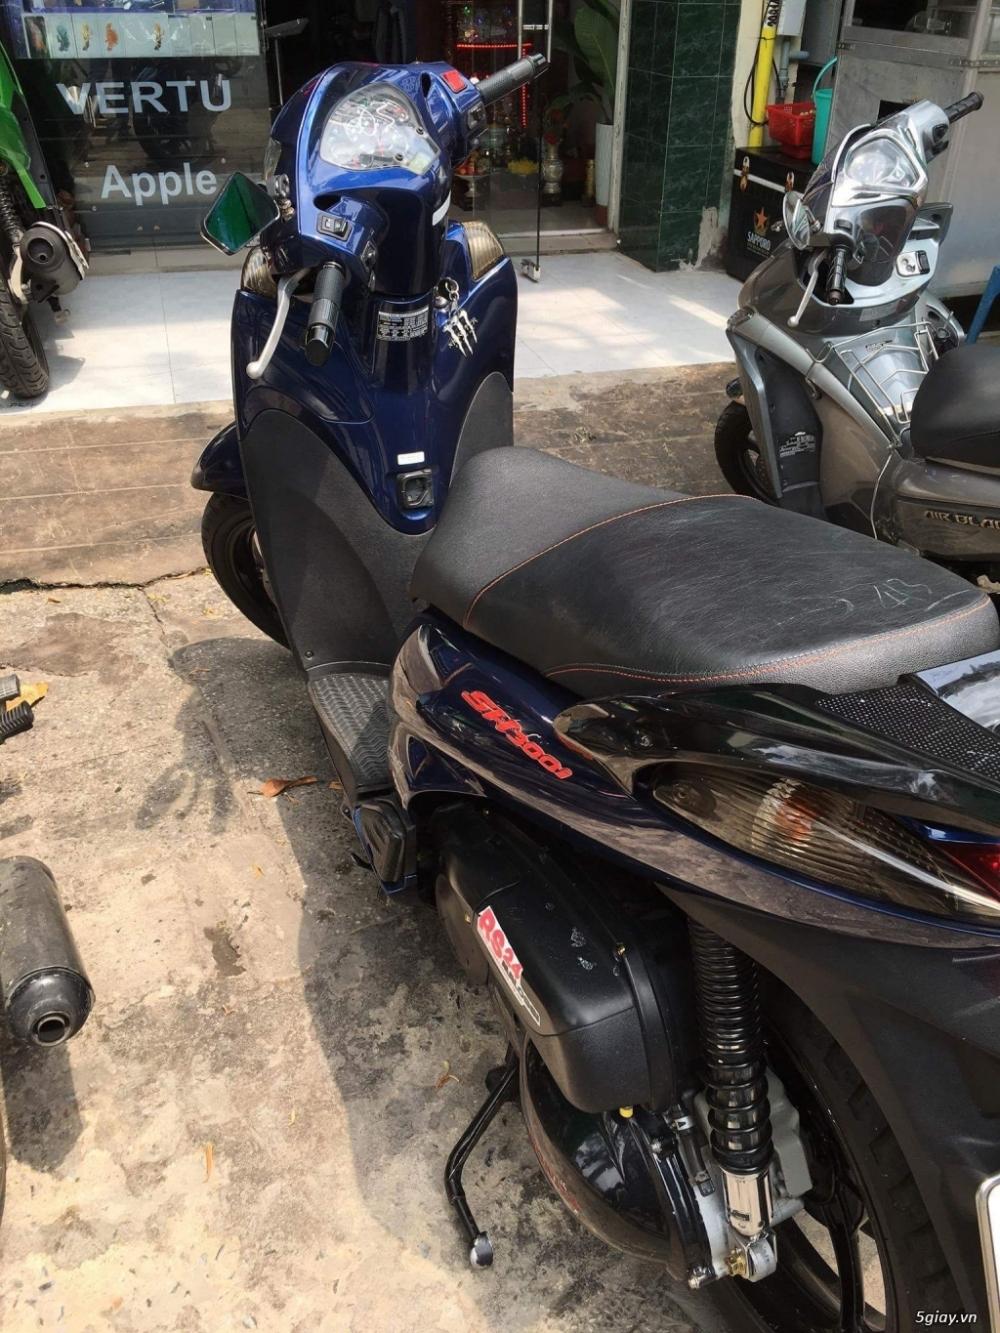 Sh300i xanh tiger xe dep hoan hao doi pkl nen ban lai - 4